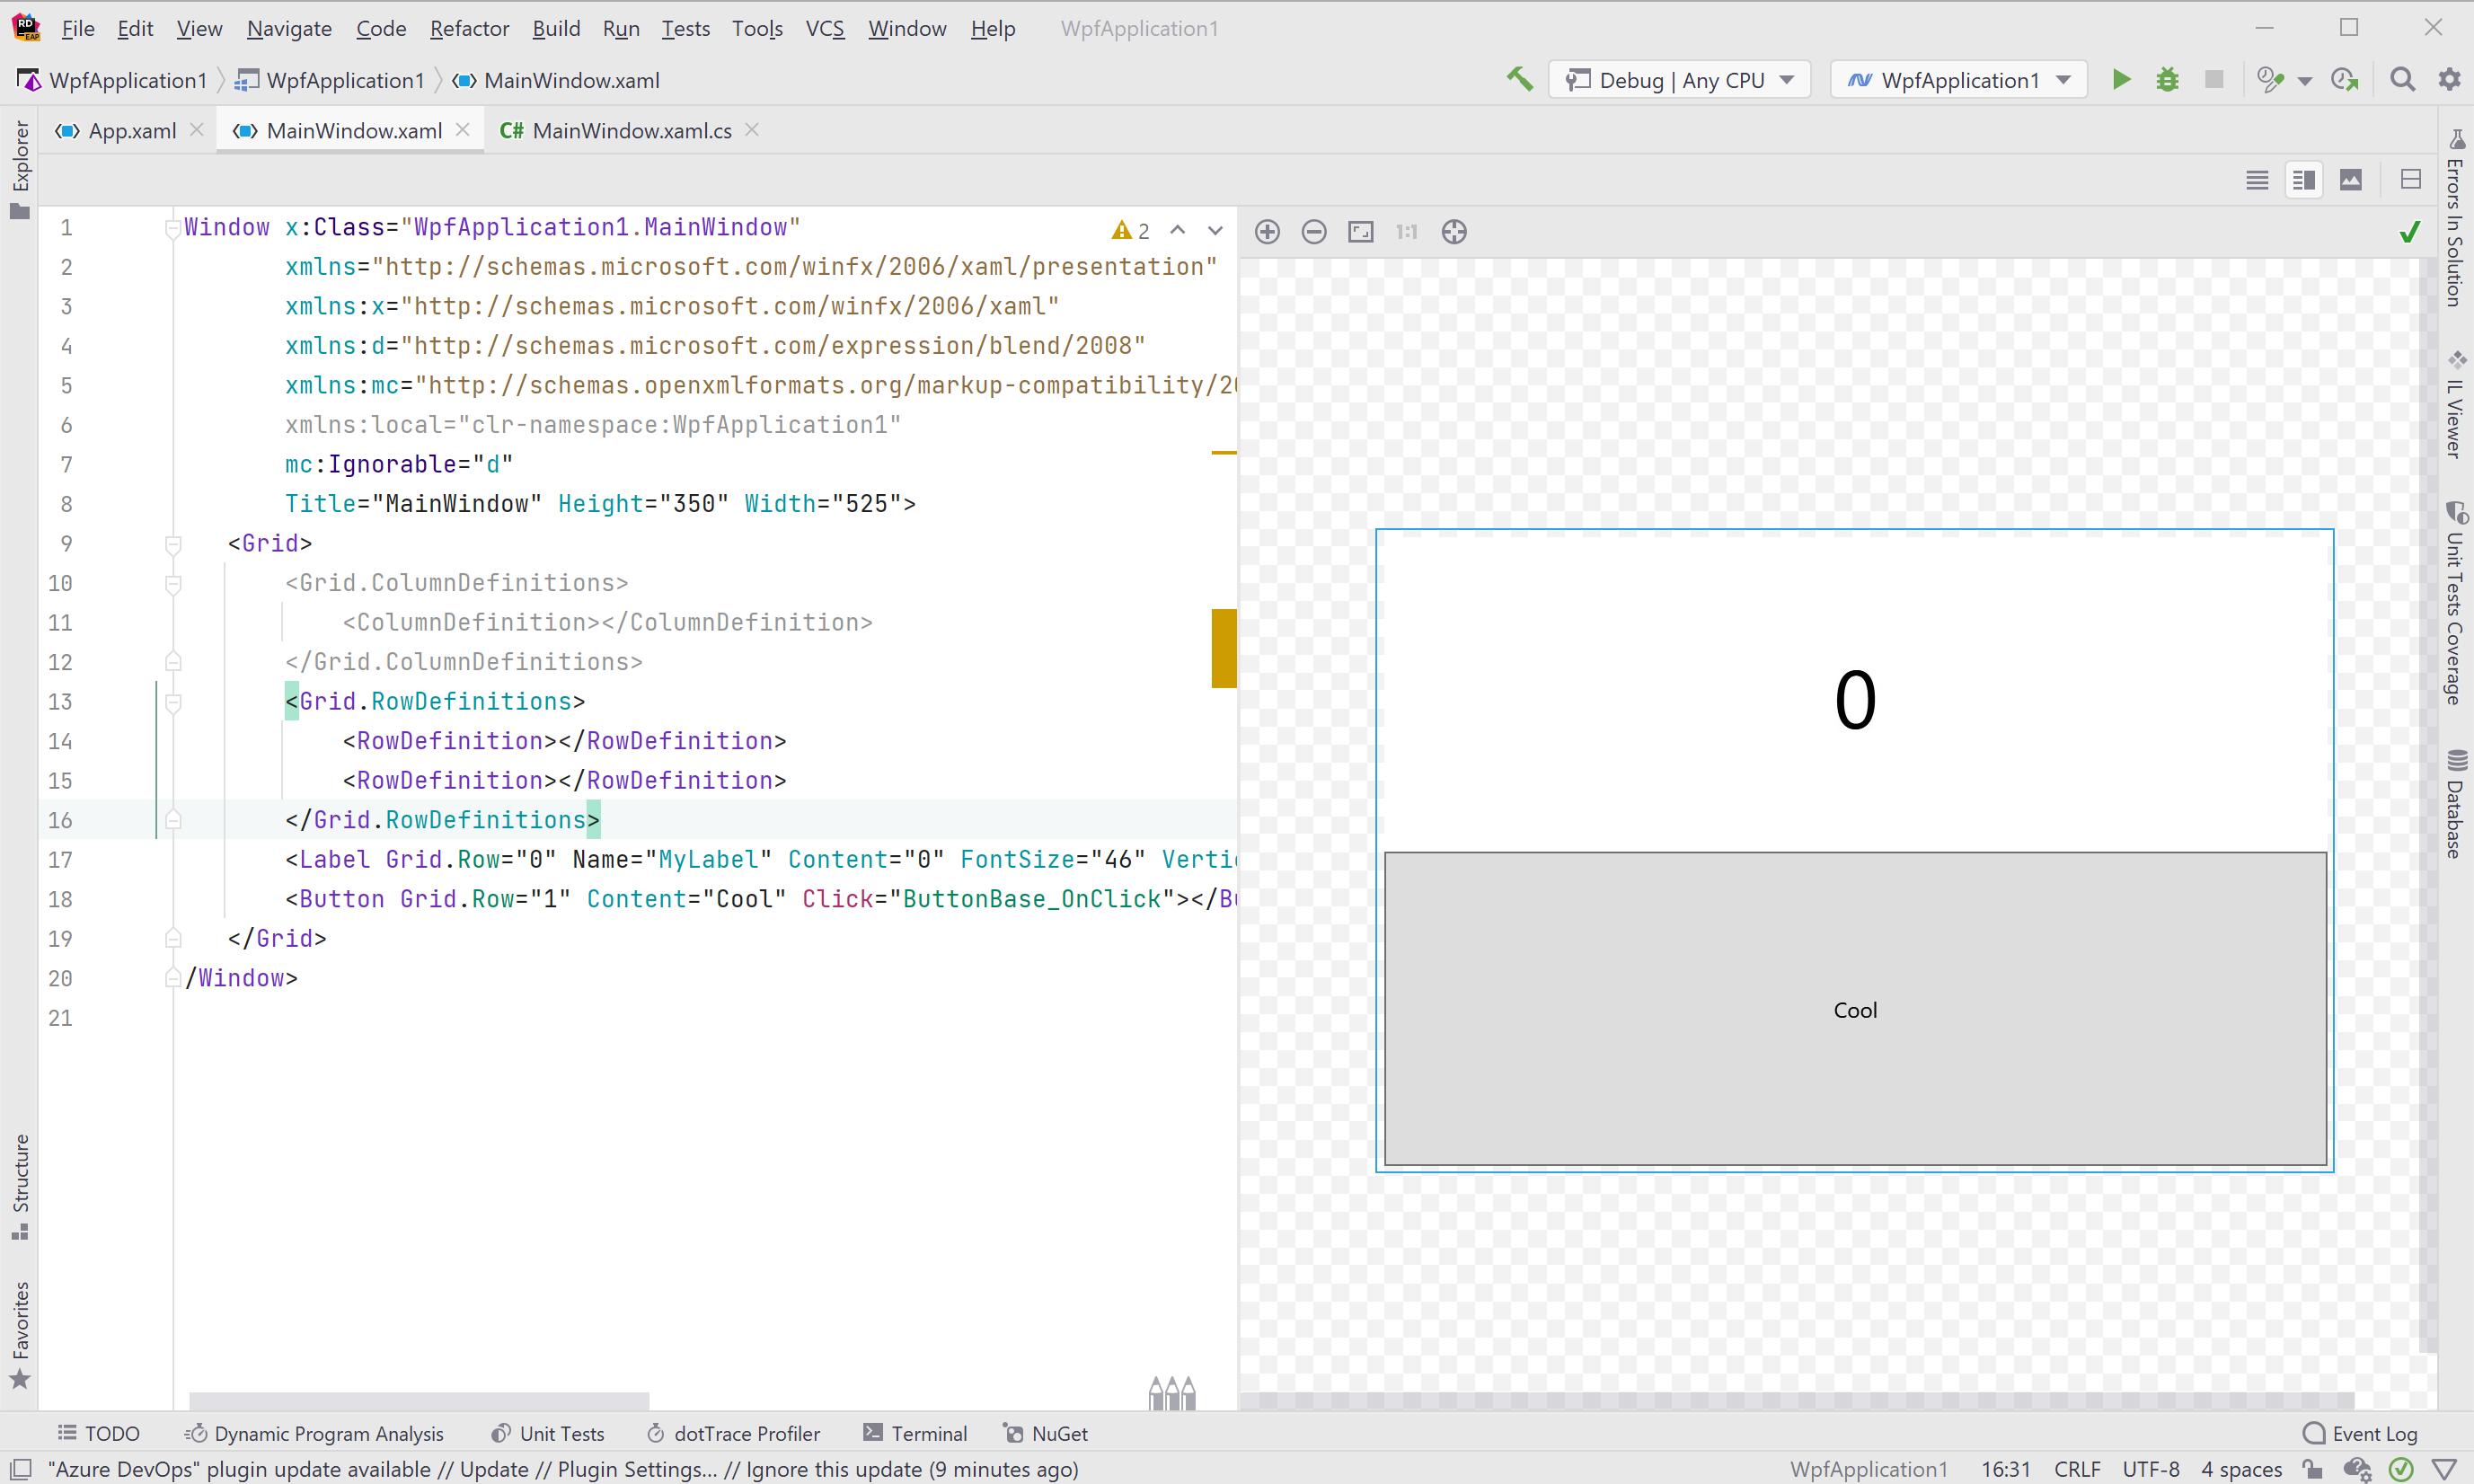 Reworked UI for XAML workflows in JetBrains Rider